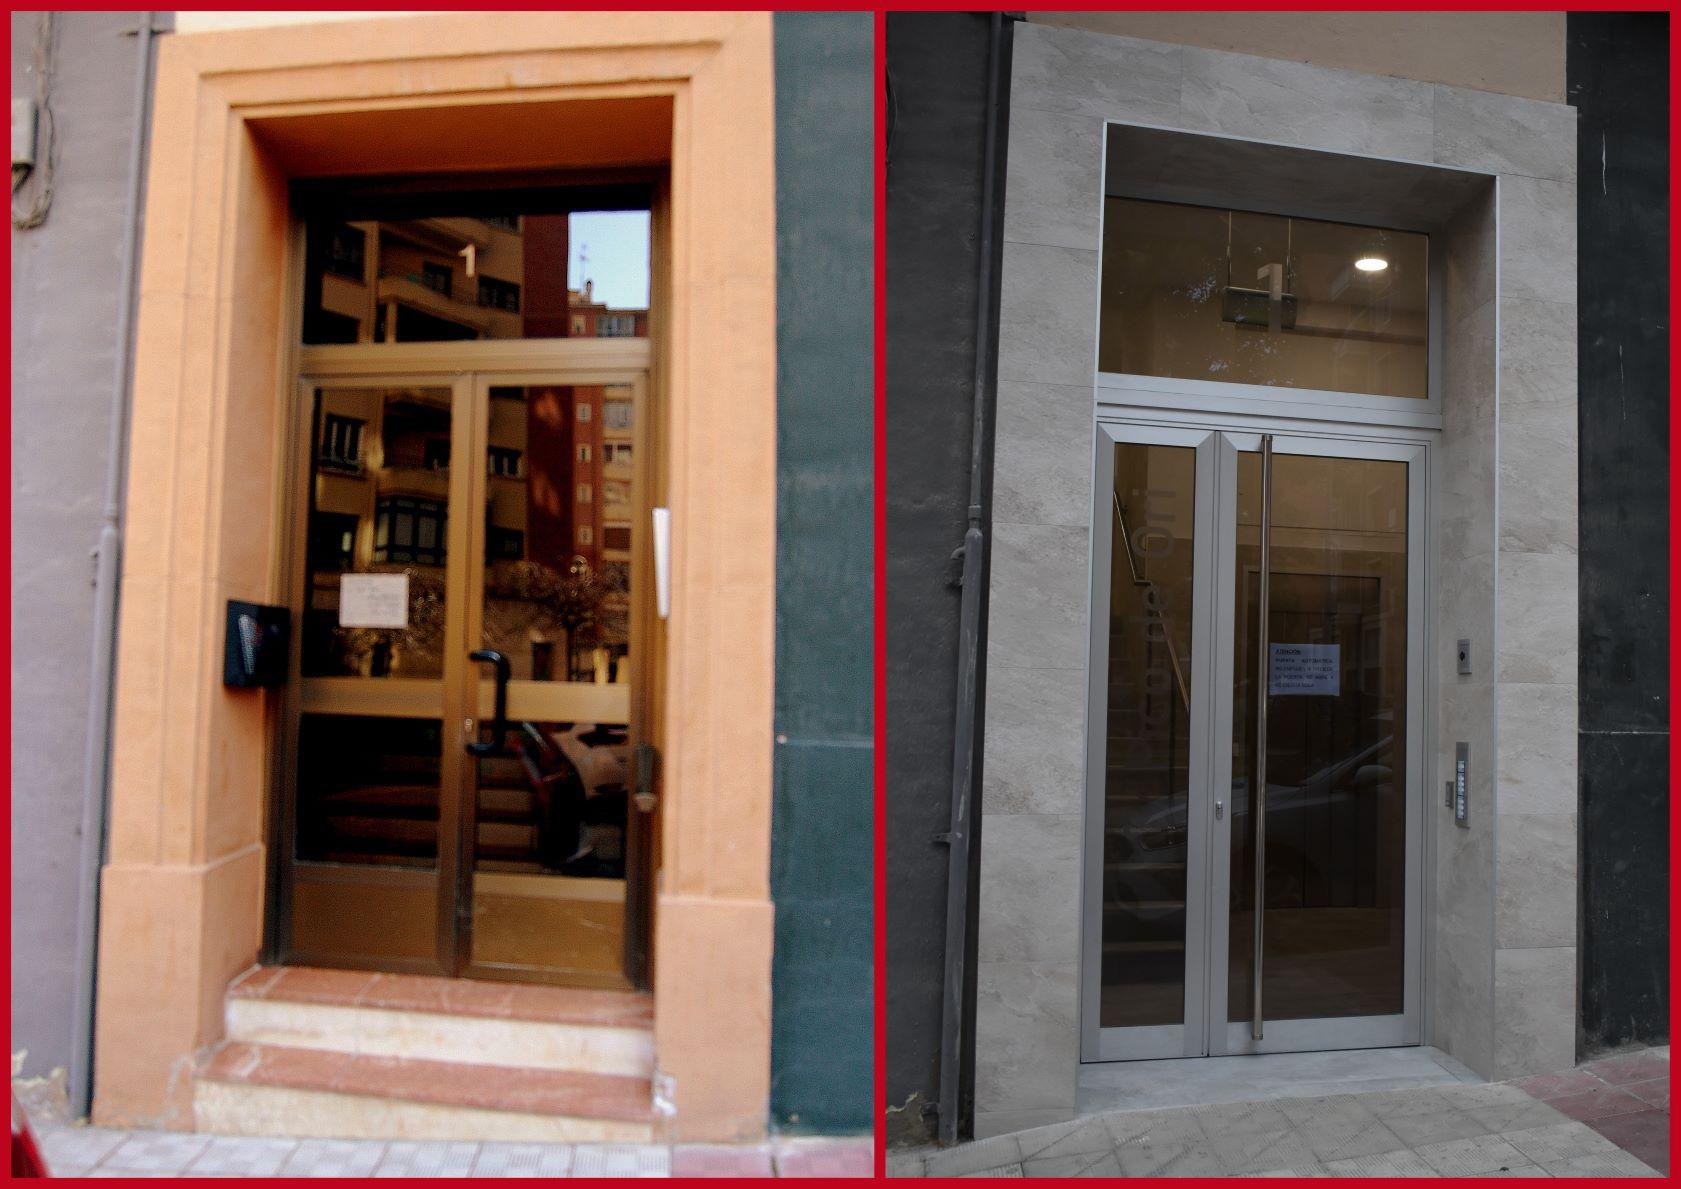 Rehabilitación y eliminación de barreras arquitectónicas en portal de calle Pico de Ori de Pamplona. 2019